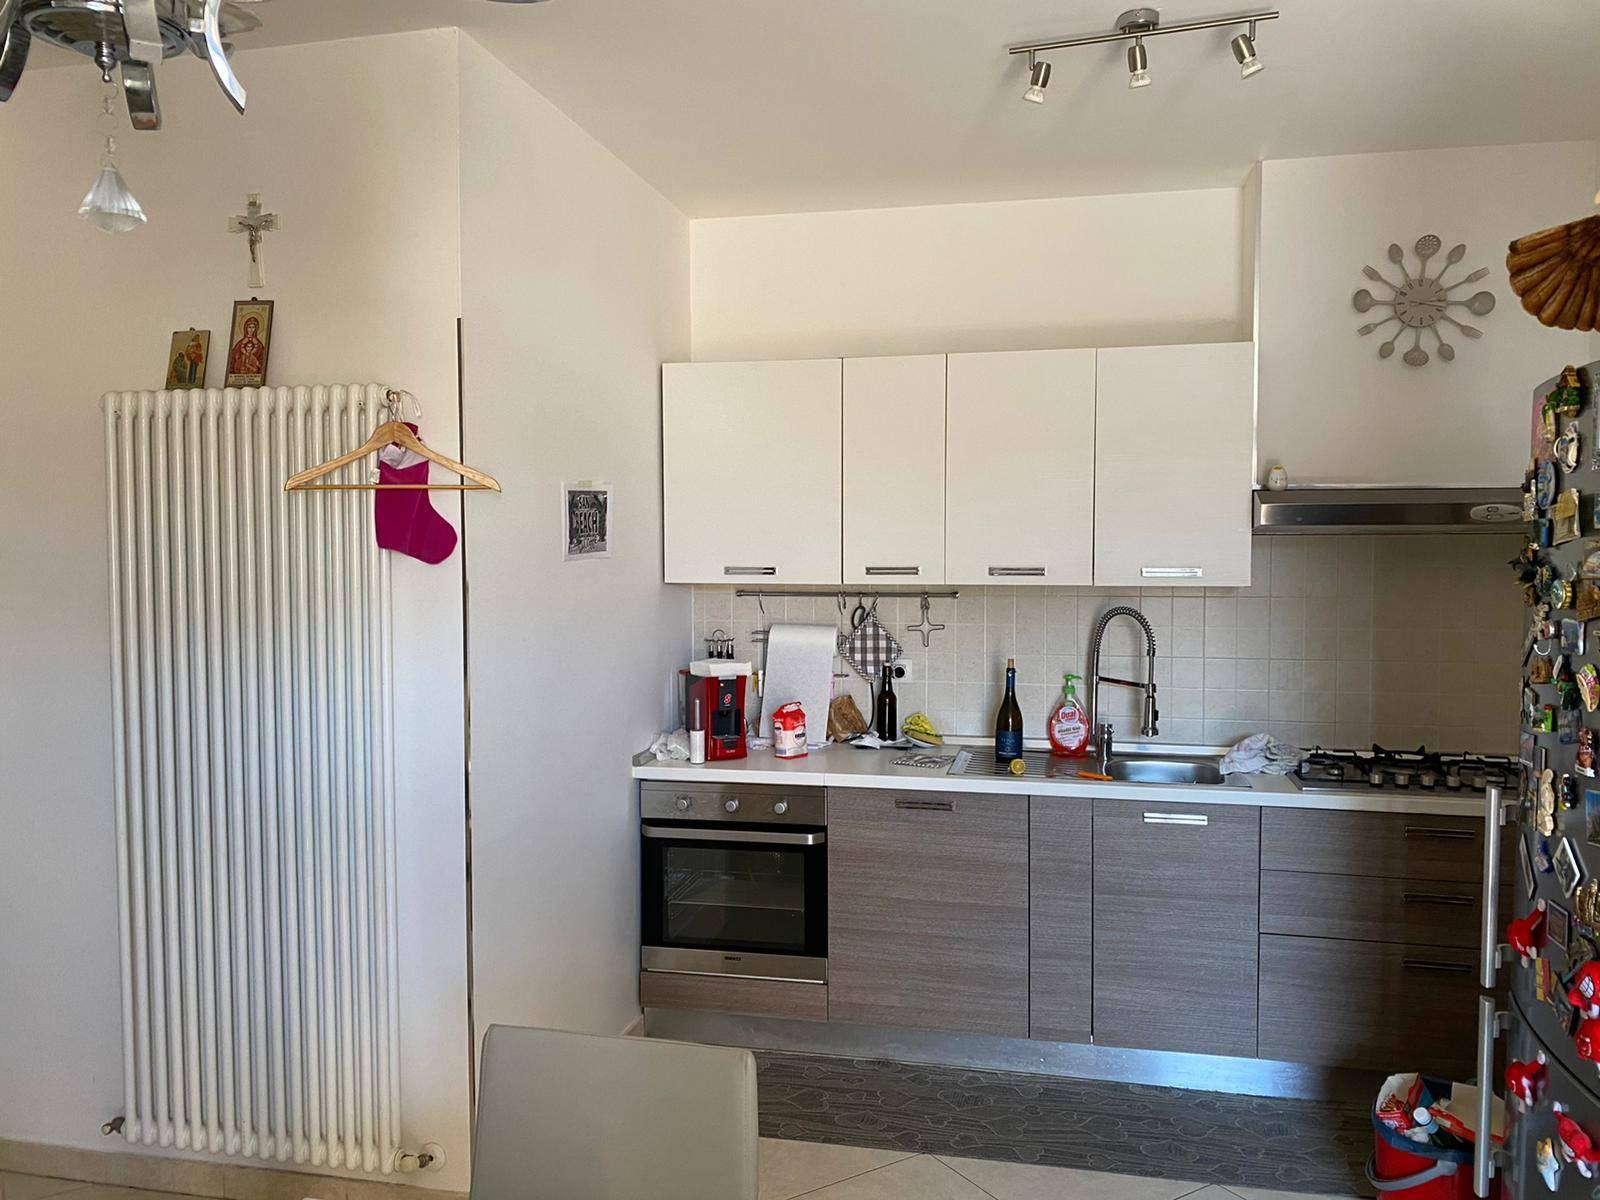 Appartamento in vendita a Monteprandone, 3 locali, zona obuchi, prezzo € 155.000   PortaleAgenzieImmobiliari.it